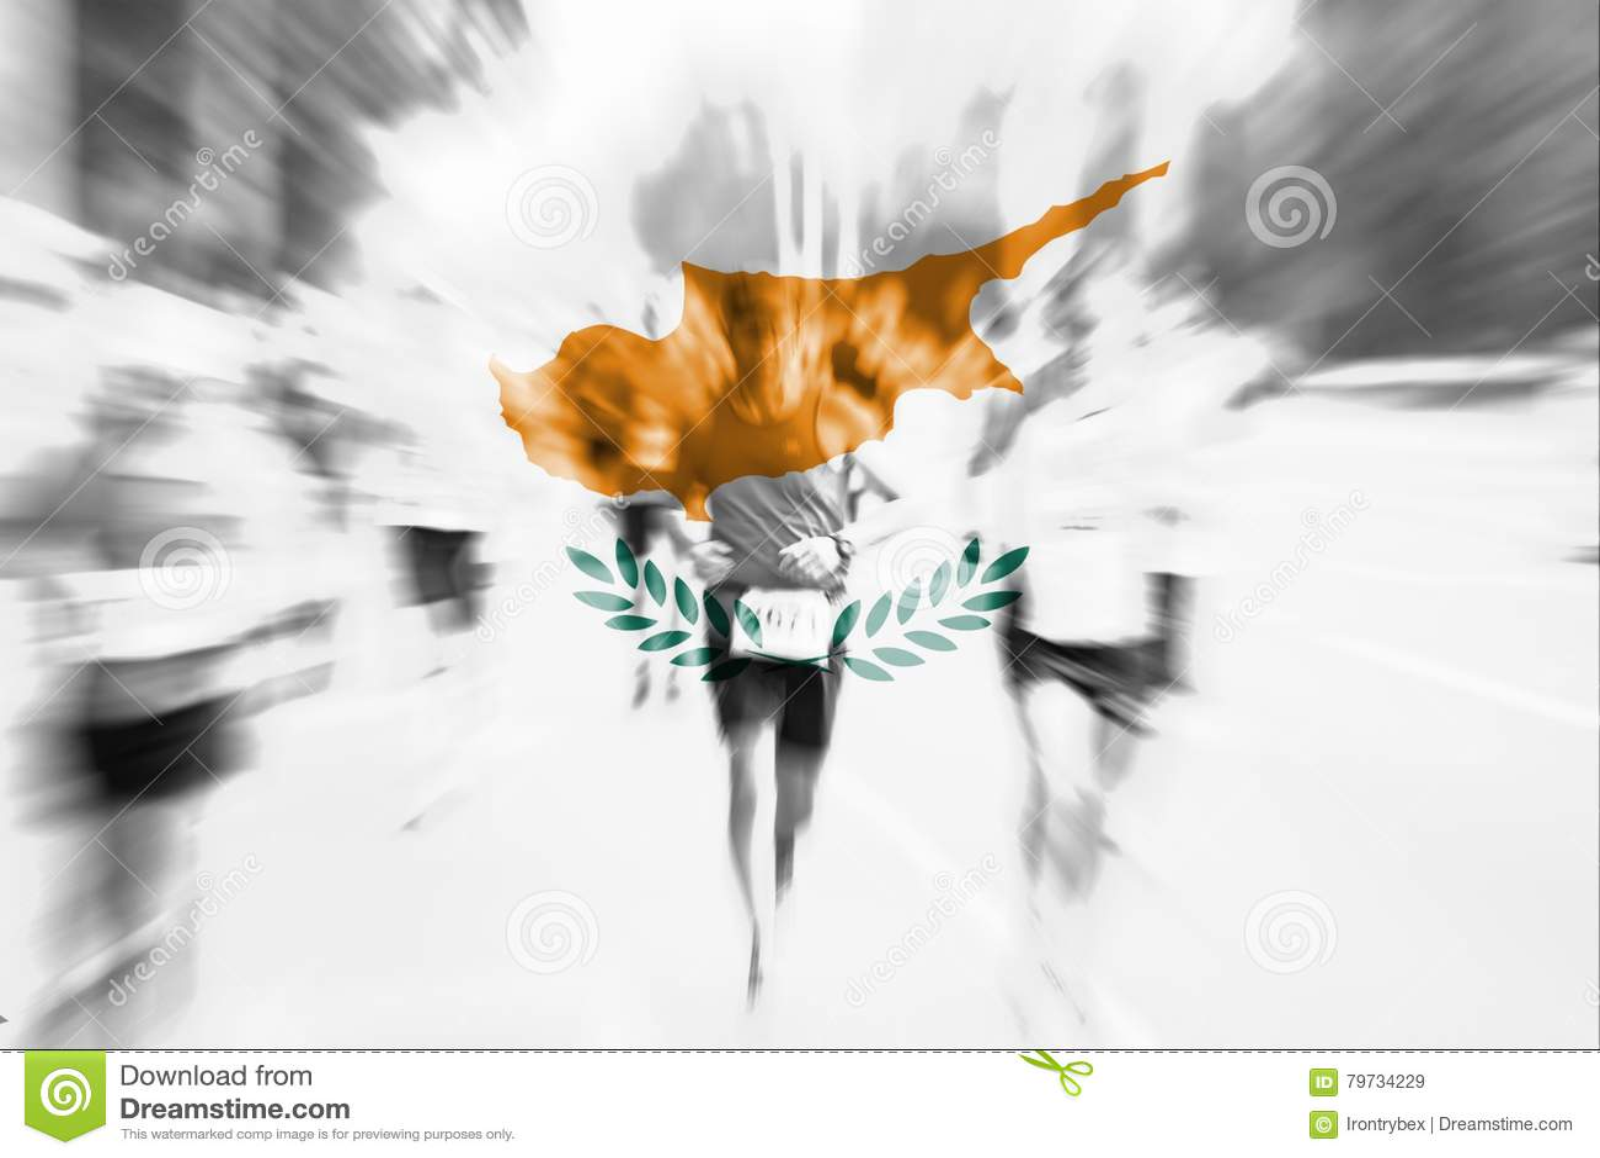 Falta de definición de movimiento del corredor de maratón con la mezcla de la bandera de Chipre